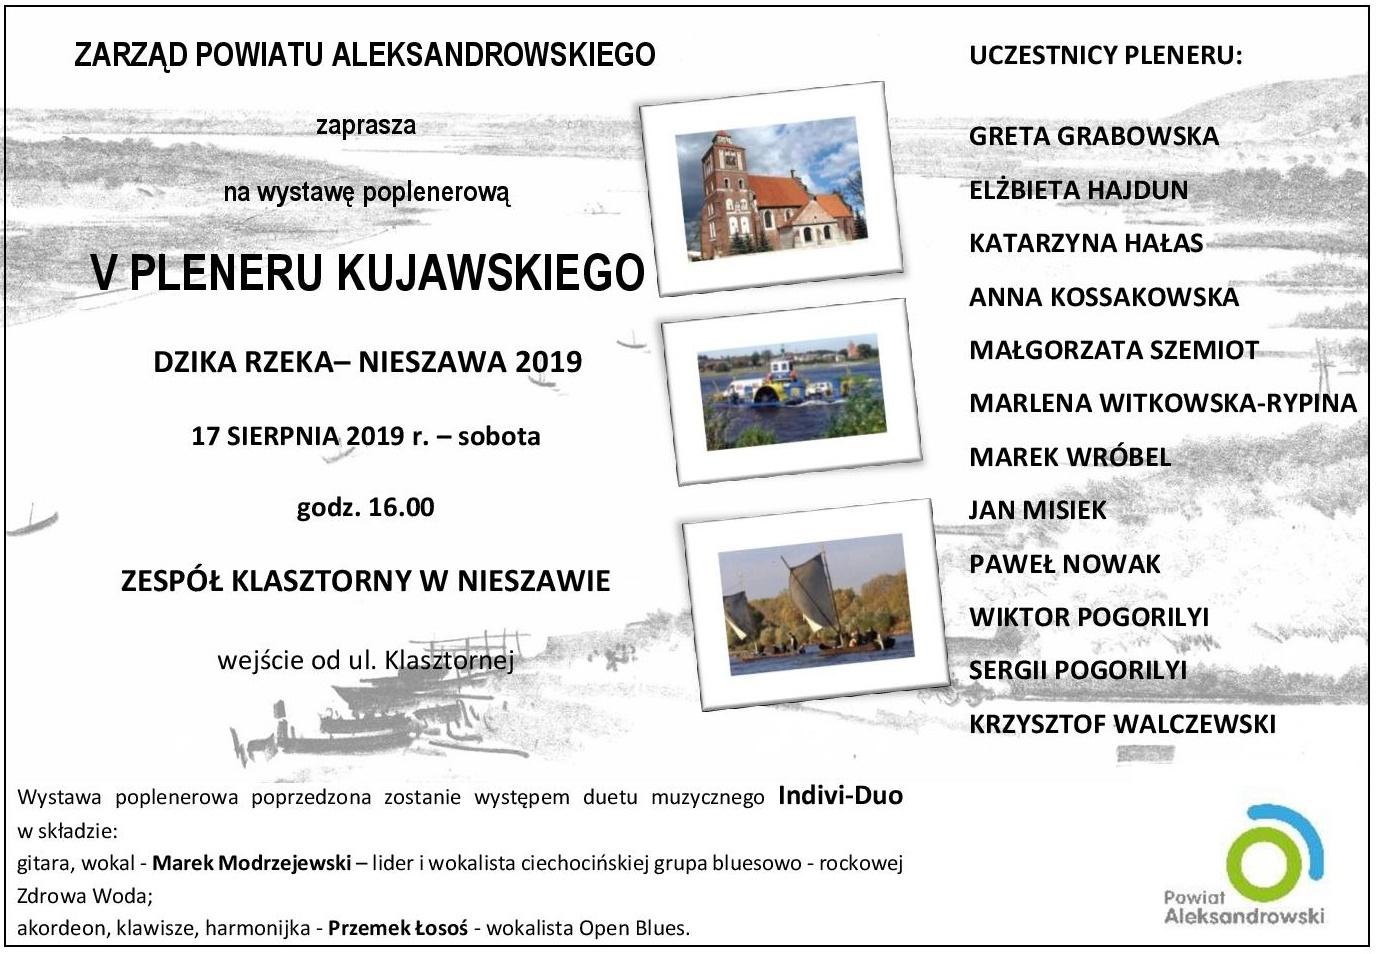 https://aleksandrow.pl/wp-content/uploads/2019/04/Zaproszenie-wystawa-1.jpg